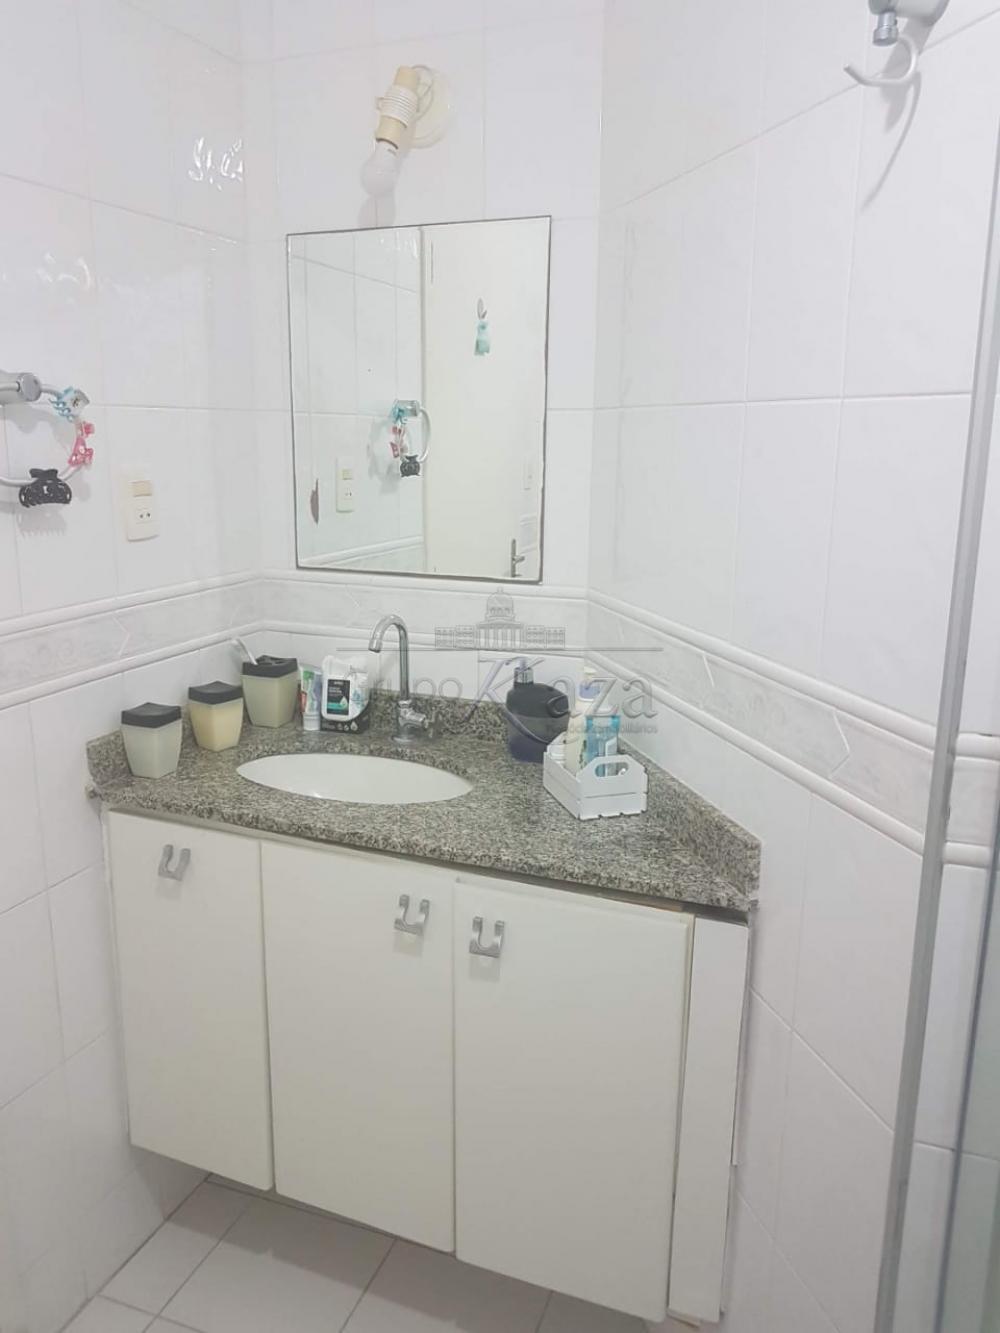 Comprar Apartamento / Padrão em São José dos Campos apenas R$ 340.000,00 - Foto 20